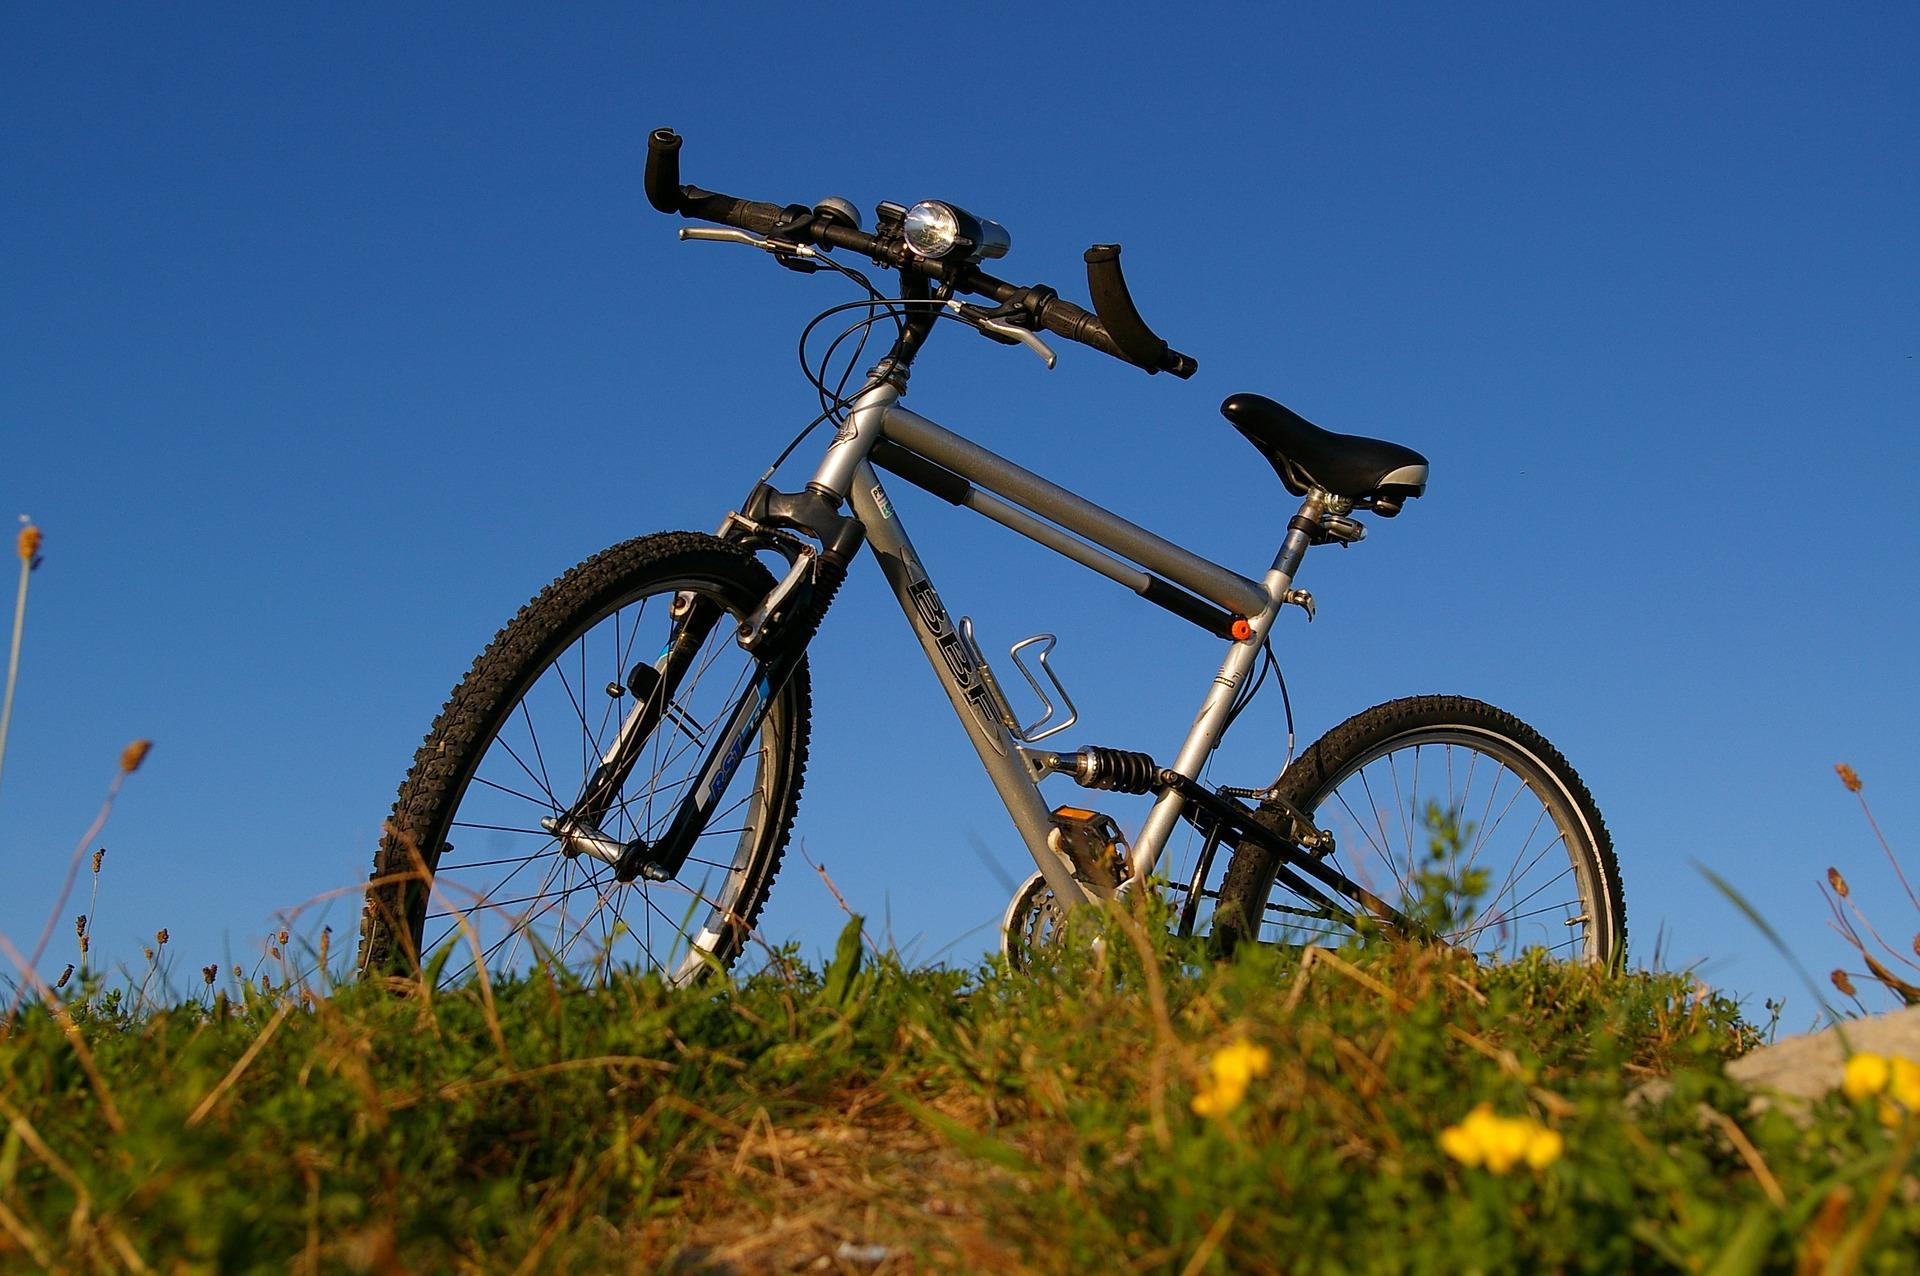 Imagem mostra uma bicicleta com bar ends.